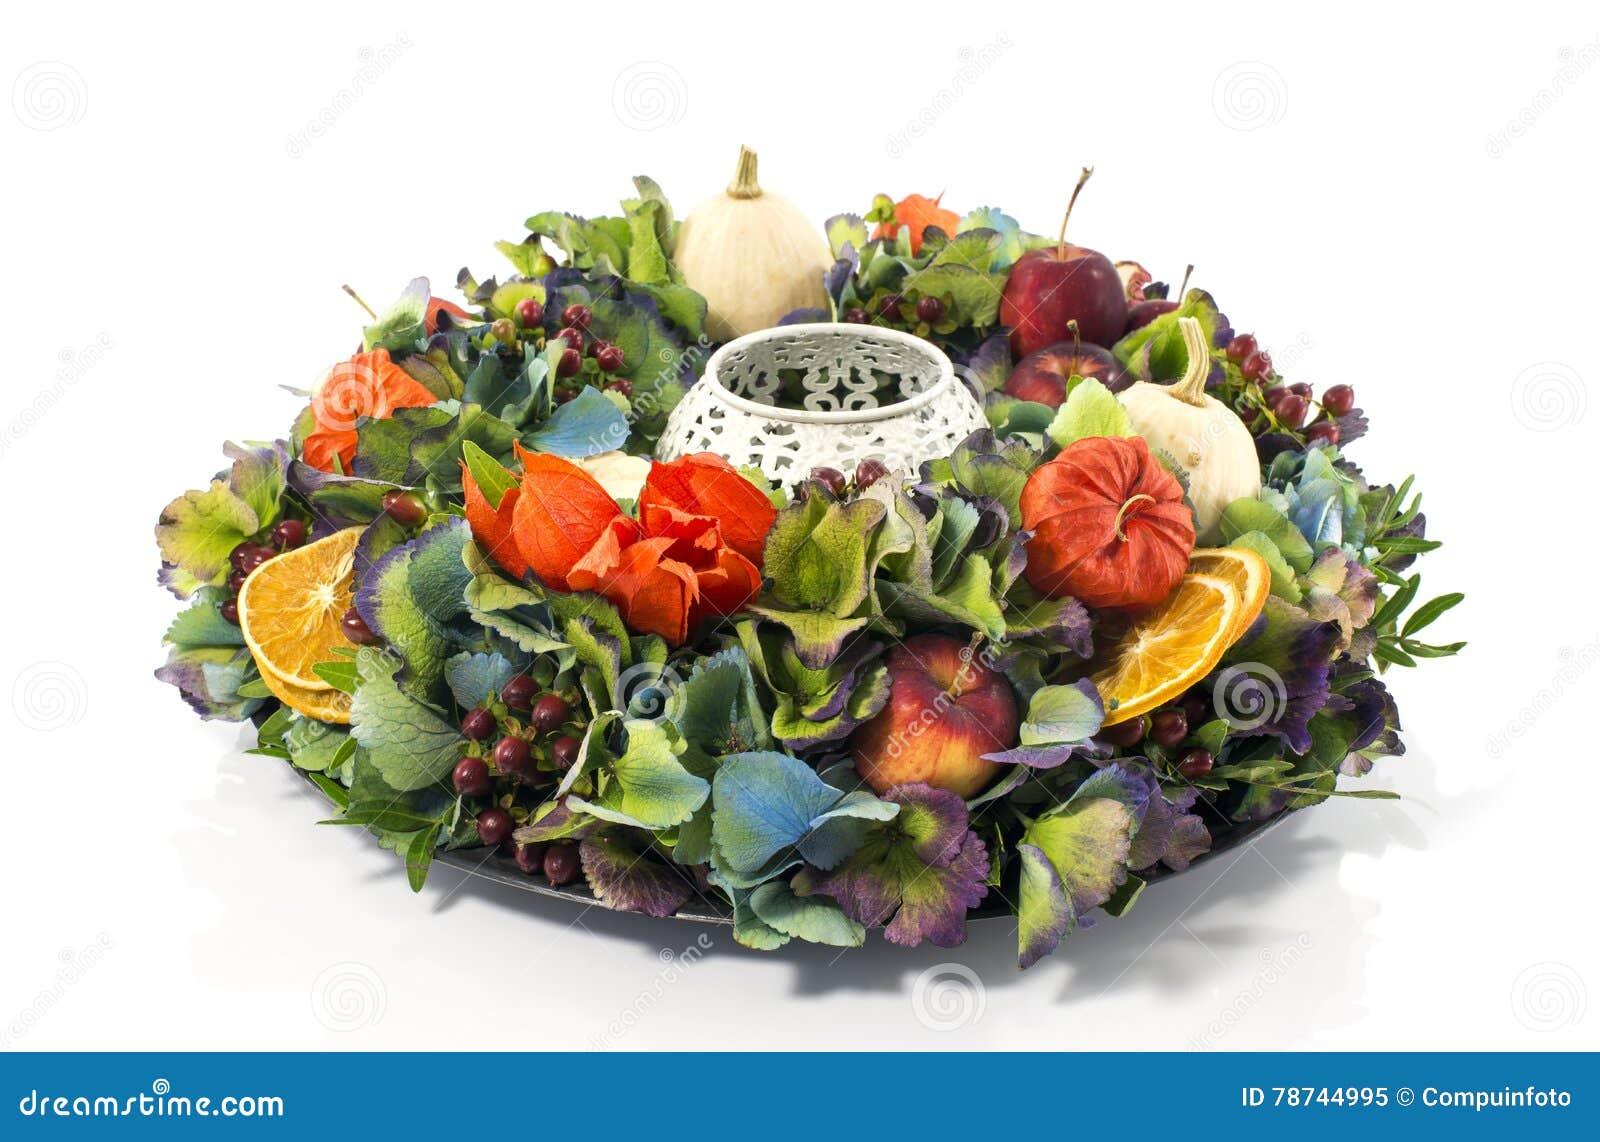 Guirlande de composition florale en automne photo stock image 78744995 - Composition florale automne ...